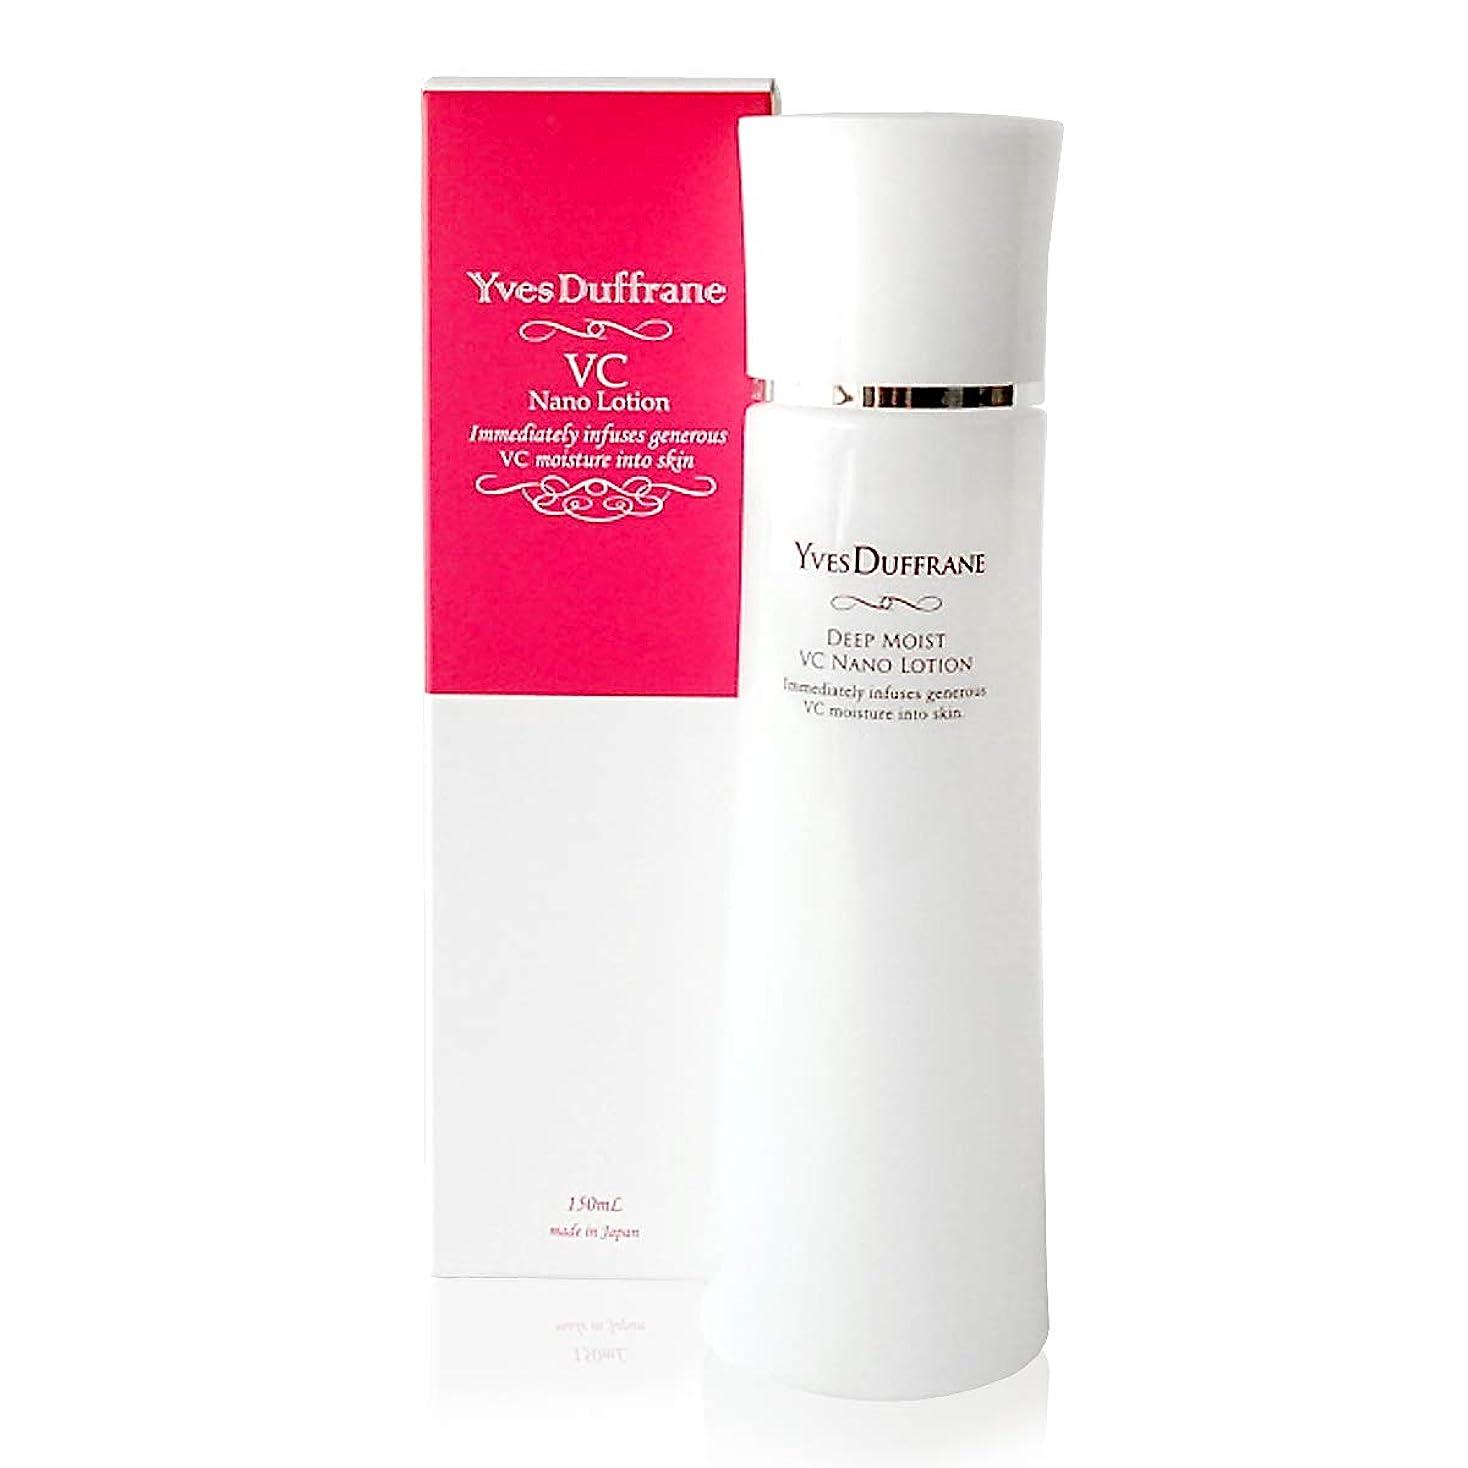 ステッチヶ月目処理ビタミンC誘導体 ナノ 化粧水 | VC ナノ化粧水 | 高保湿 乾燥 毛穴 敏感肌 メンズ OK